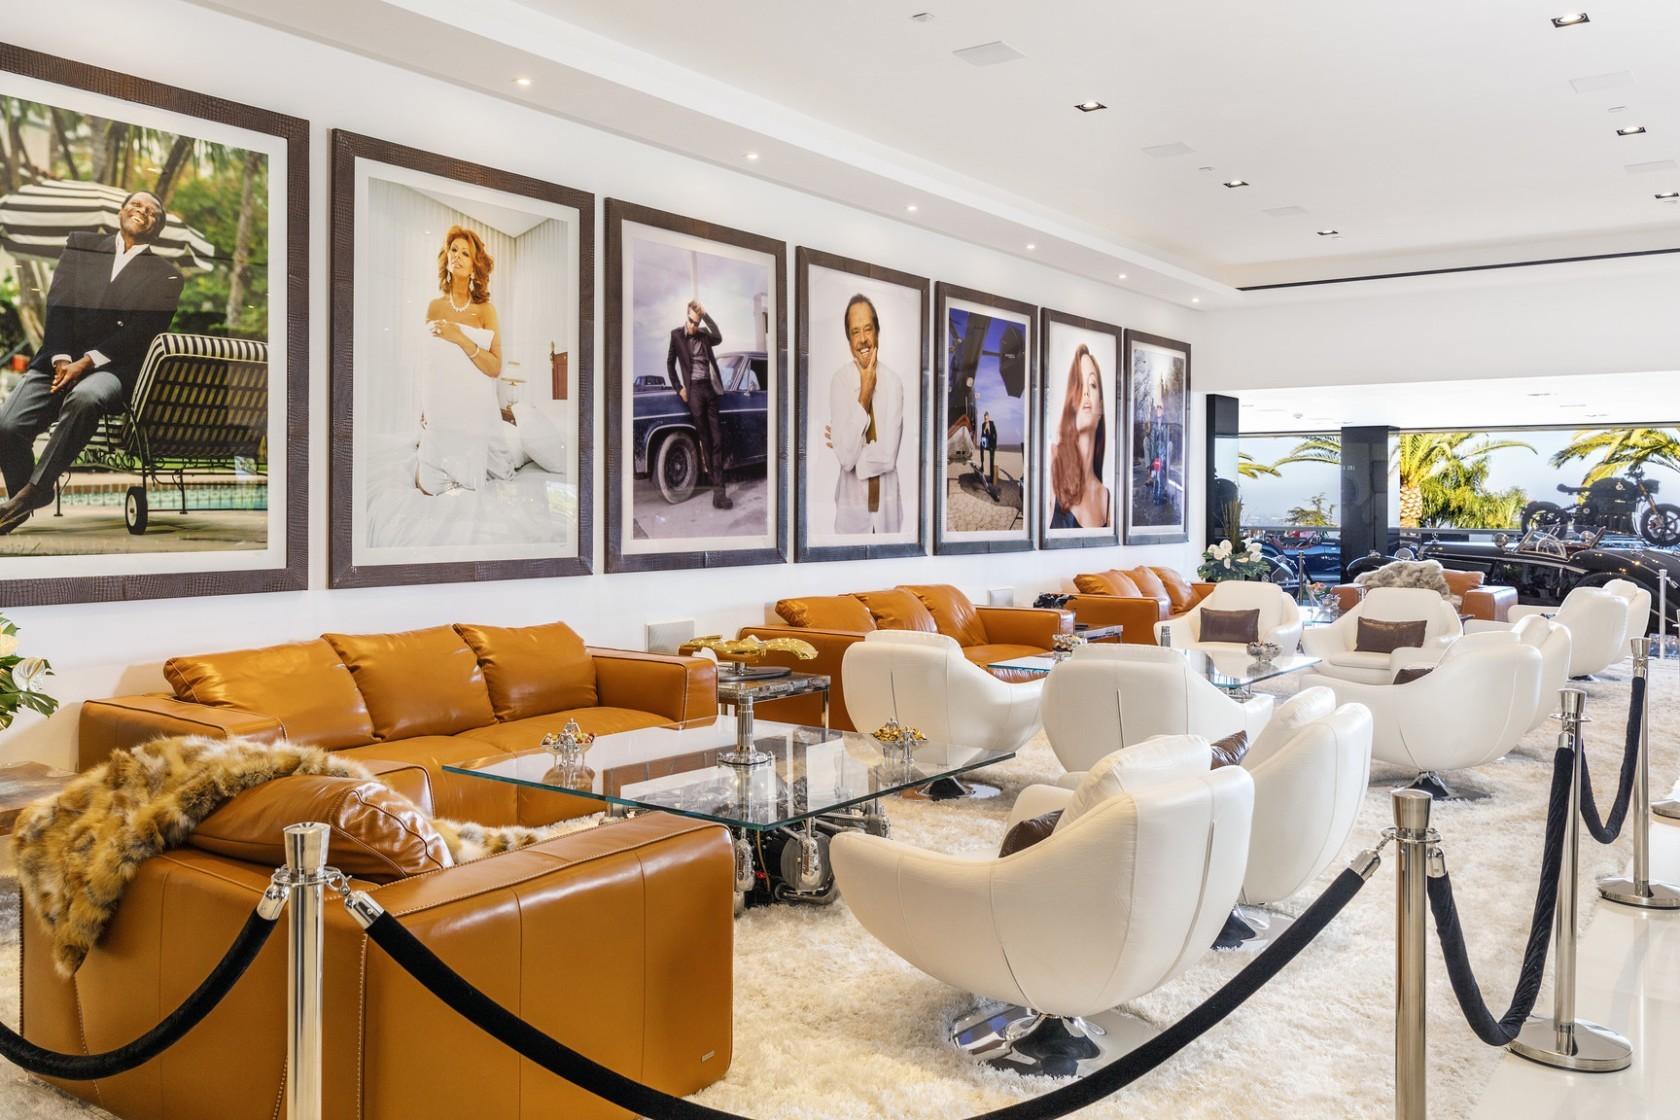 Traumhaus in Bel Air: Dieses $250 Millionen Dollar Anwesen wechselt für $94 Millionen den Besitzer 5